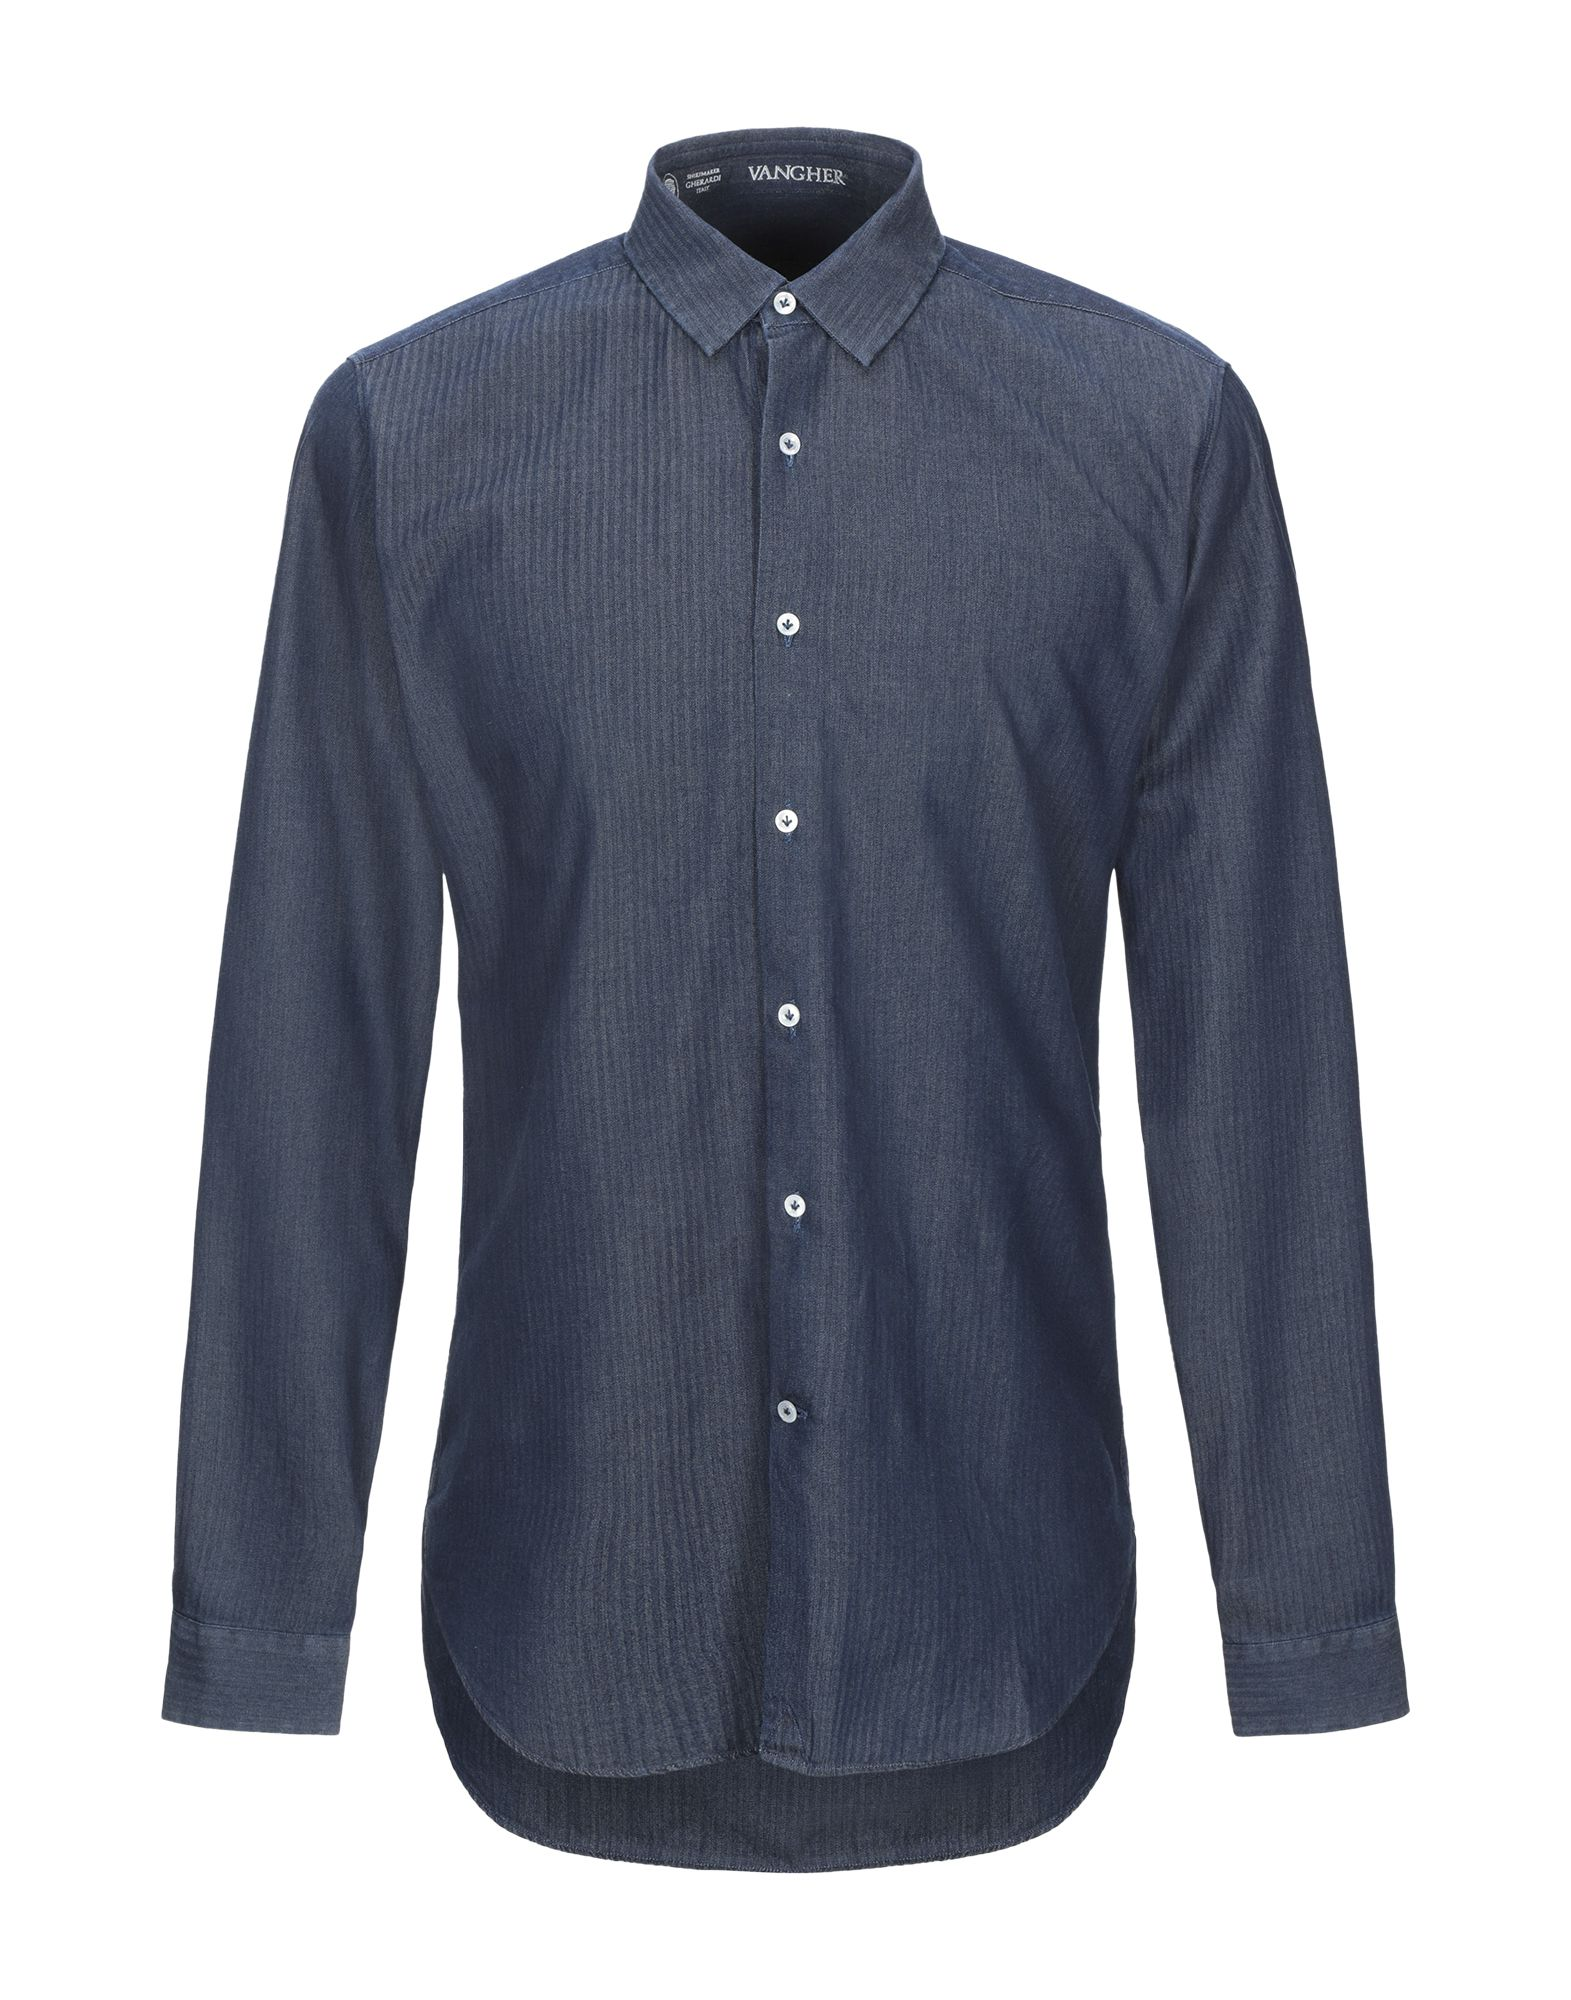 VANGHER N.7 Джинсовая рубашка рубашка xarizmashref page 7